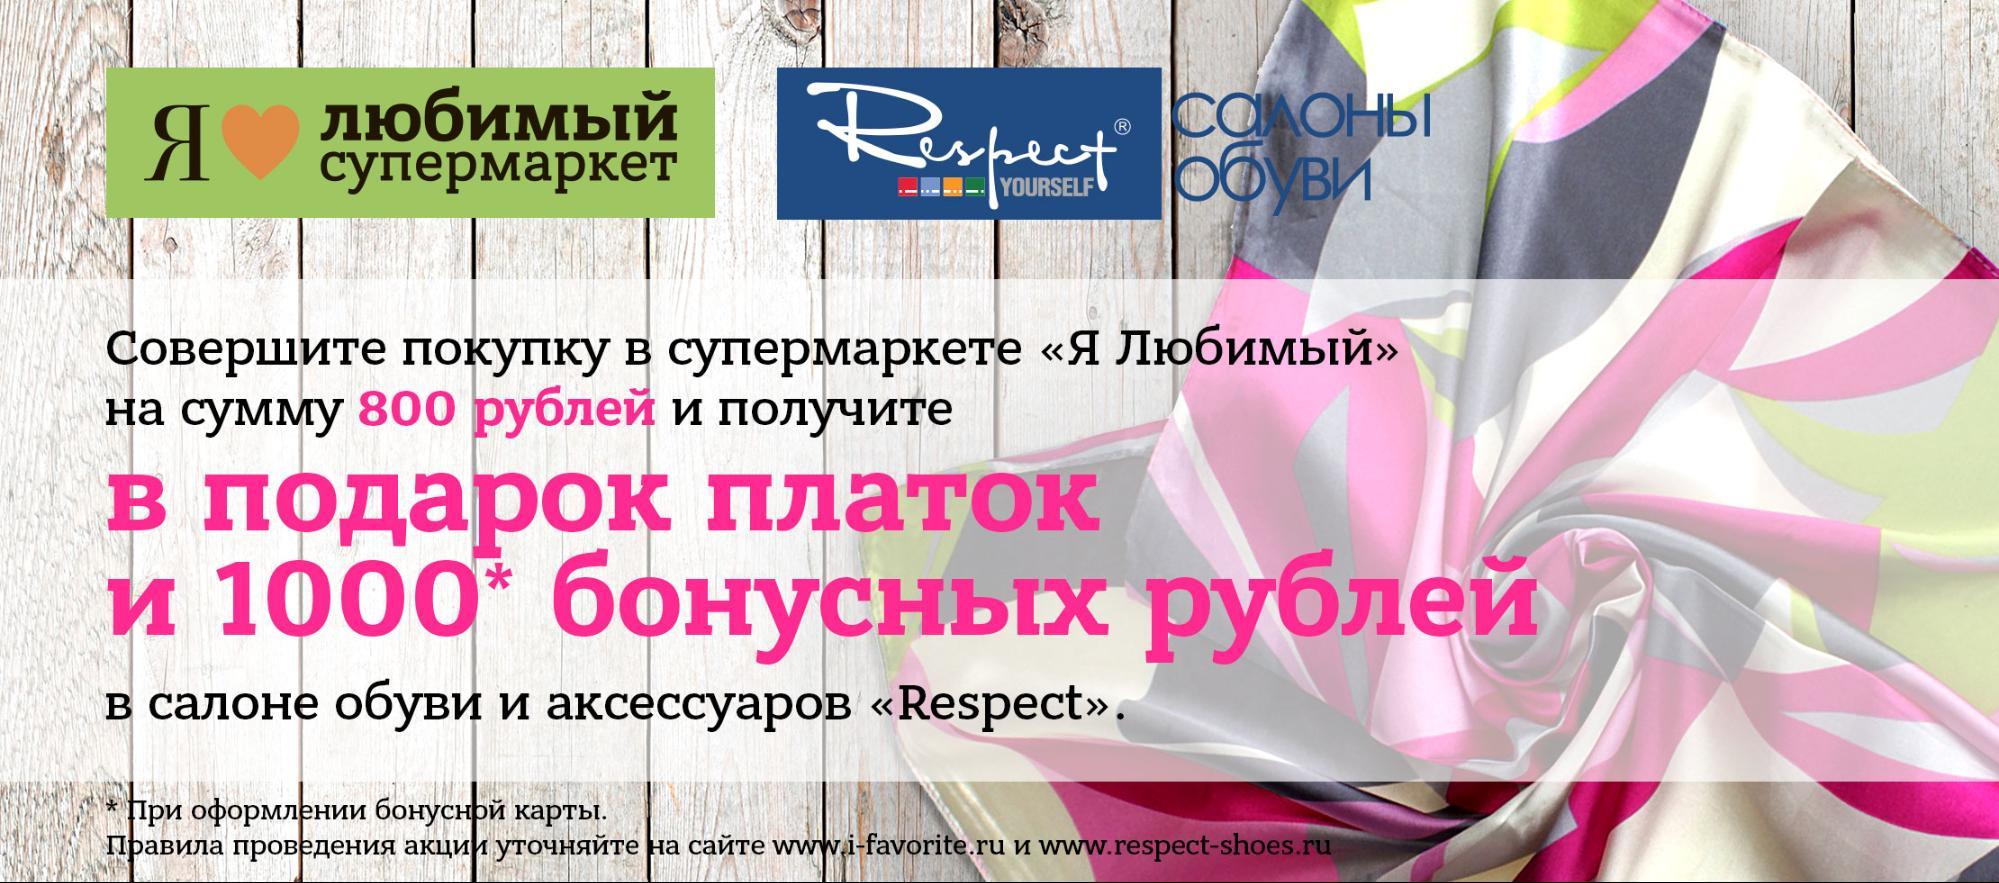 Супермаркет и салон обуви организовали совместную акцию, которая мотивирует покупать больше продуктов и заглянуть в обувной магазин